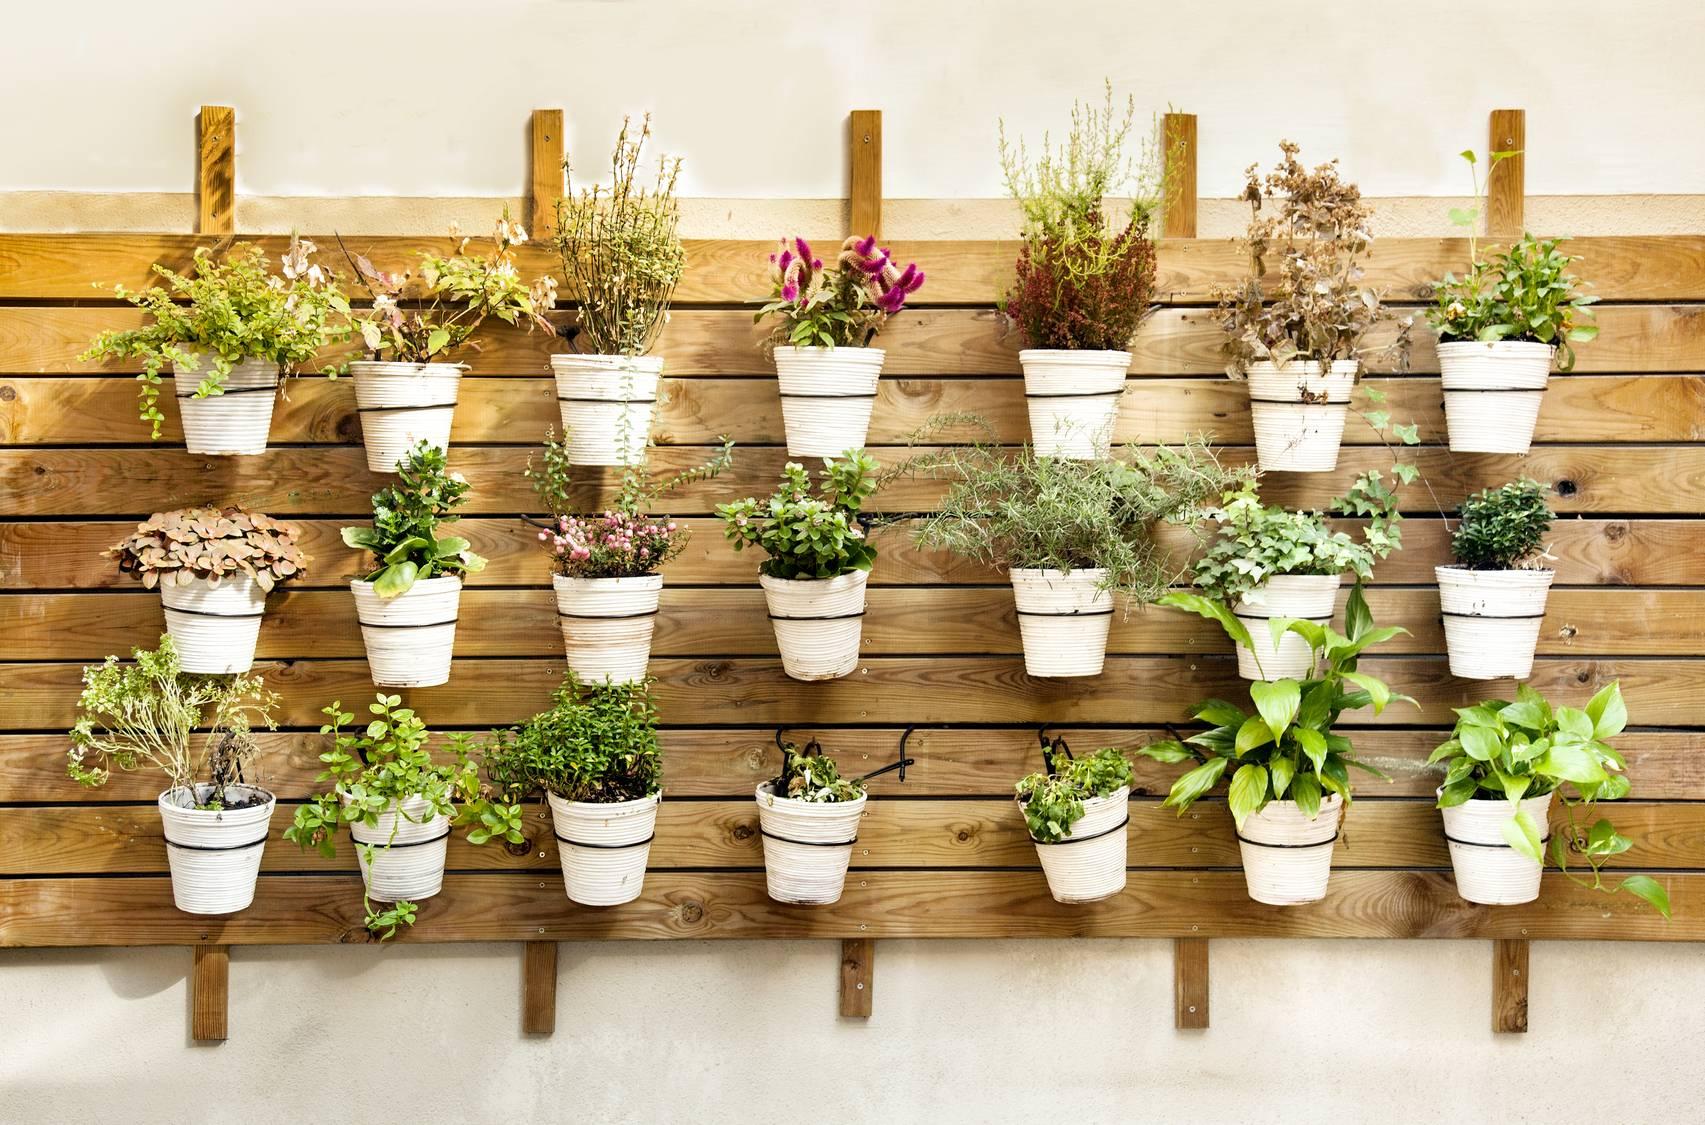 astuces pour prendre soin vos plantes pendant les vacances. Black Bedroom Furniture Sets. Home Design Ideas